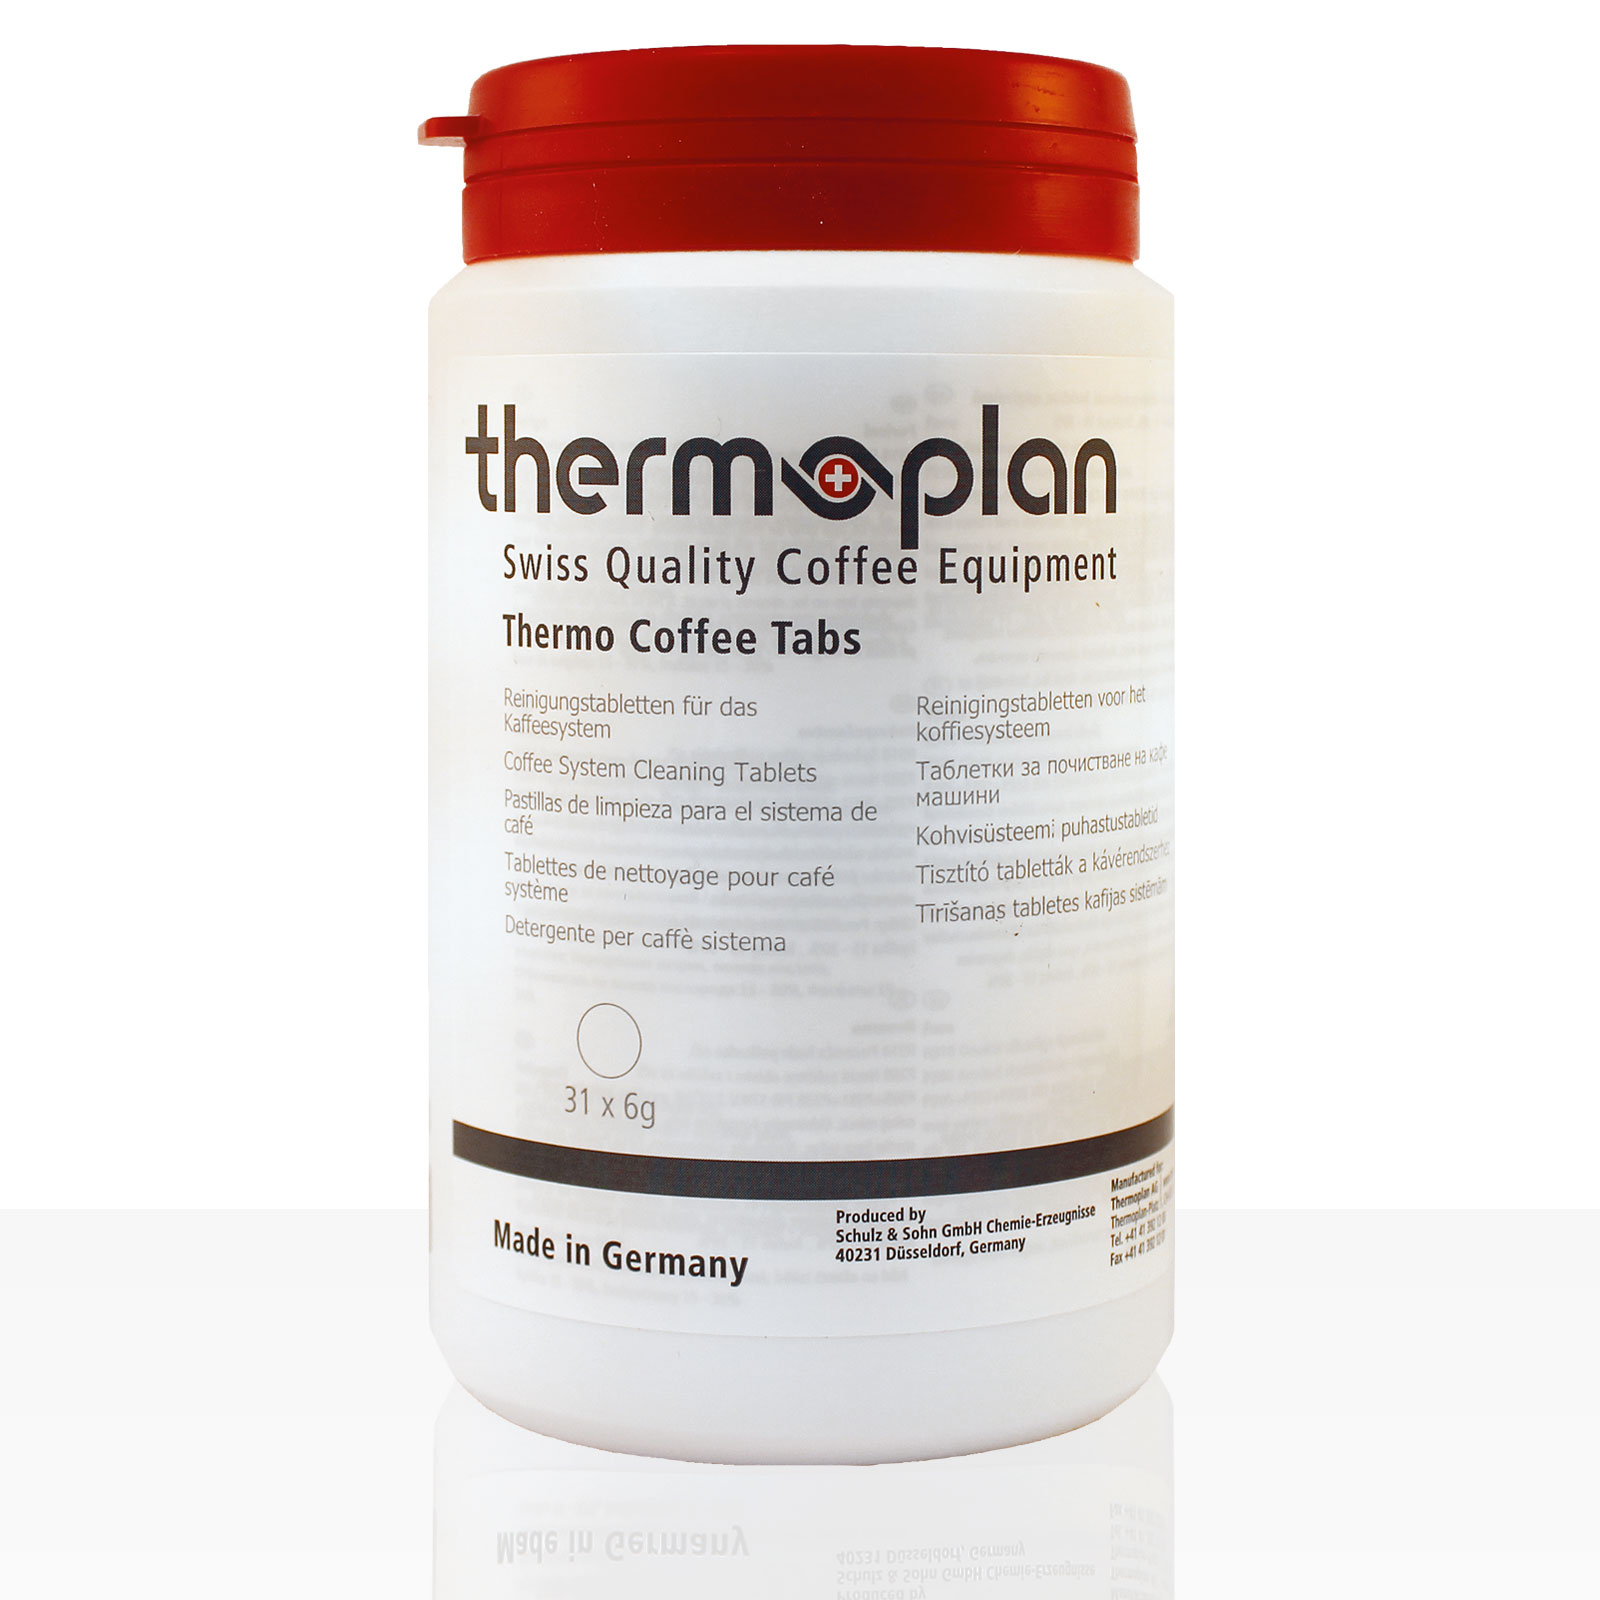 Thermoplan Reinigungstabletten für Black & White 4c, 31 x 6g